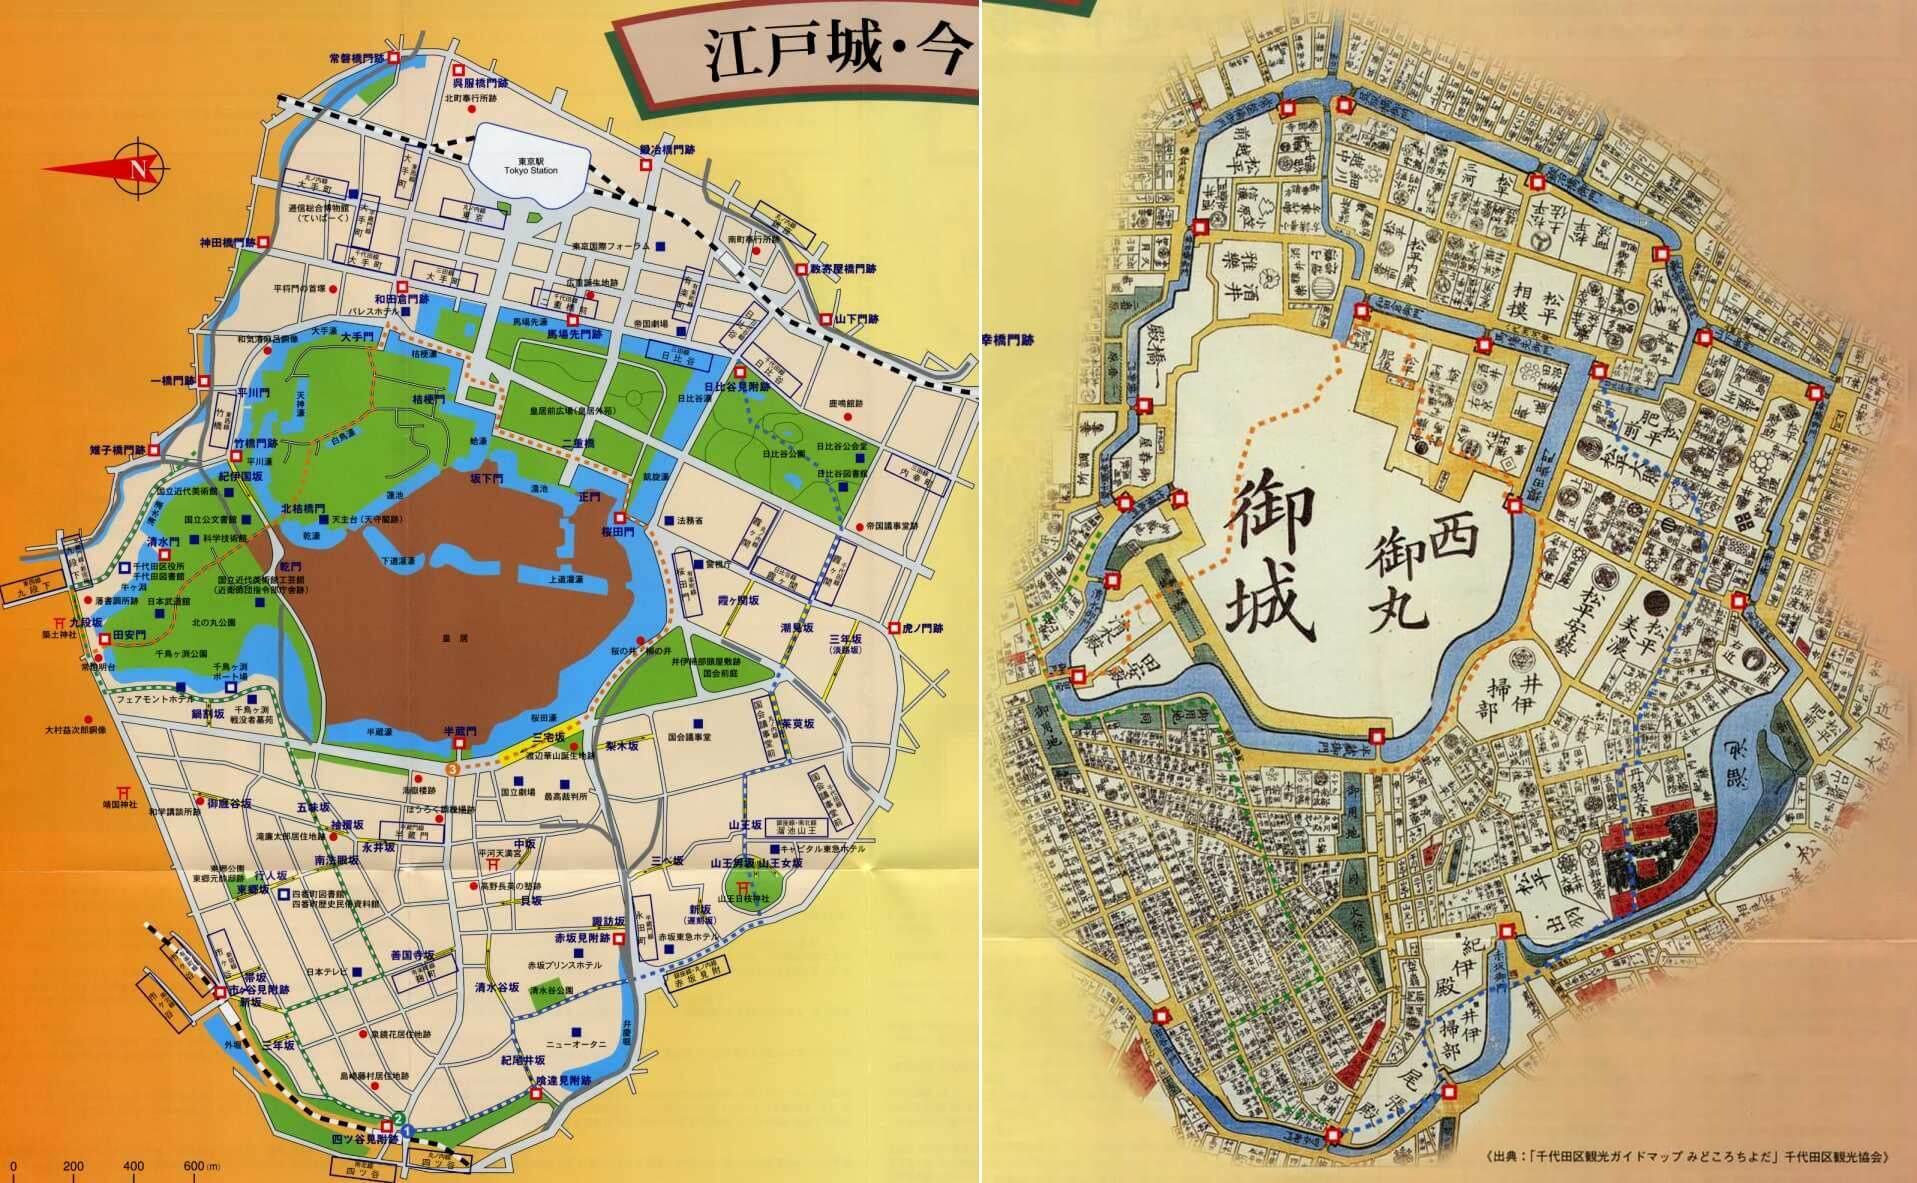 江戸城と皇居の対比地図